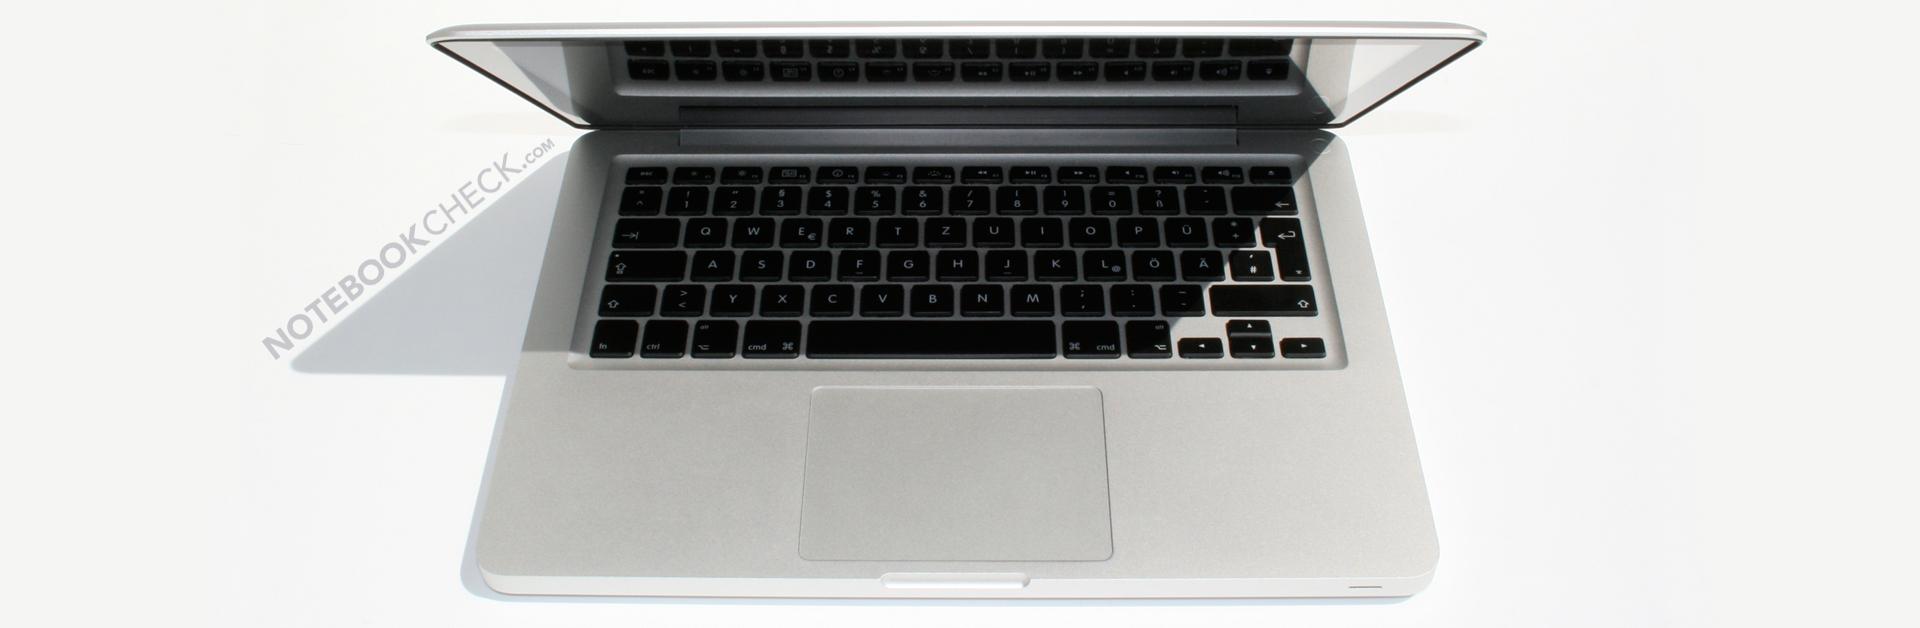 test apple macbook pro 13 mid 2009 ghz. Black Bedroom Furniture Sets. Home Design Ideas